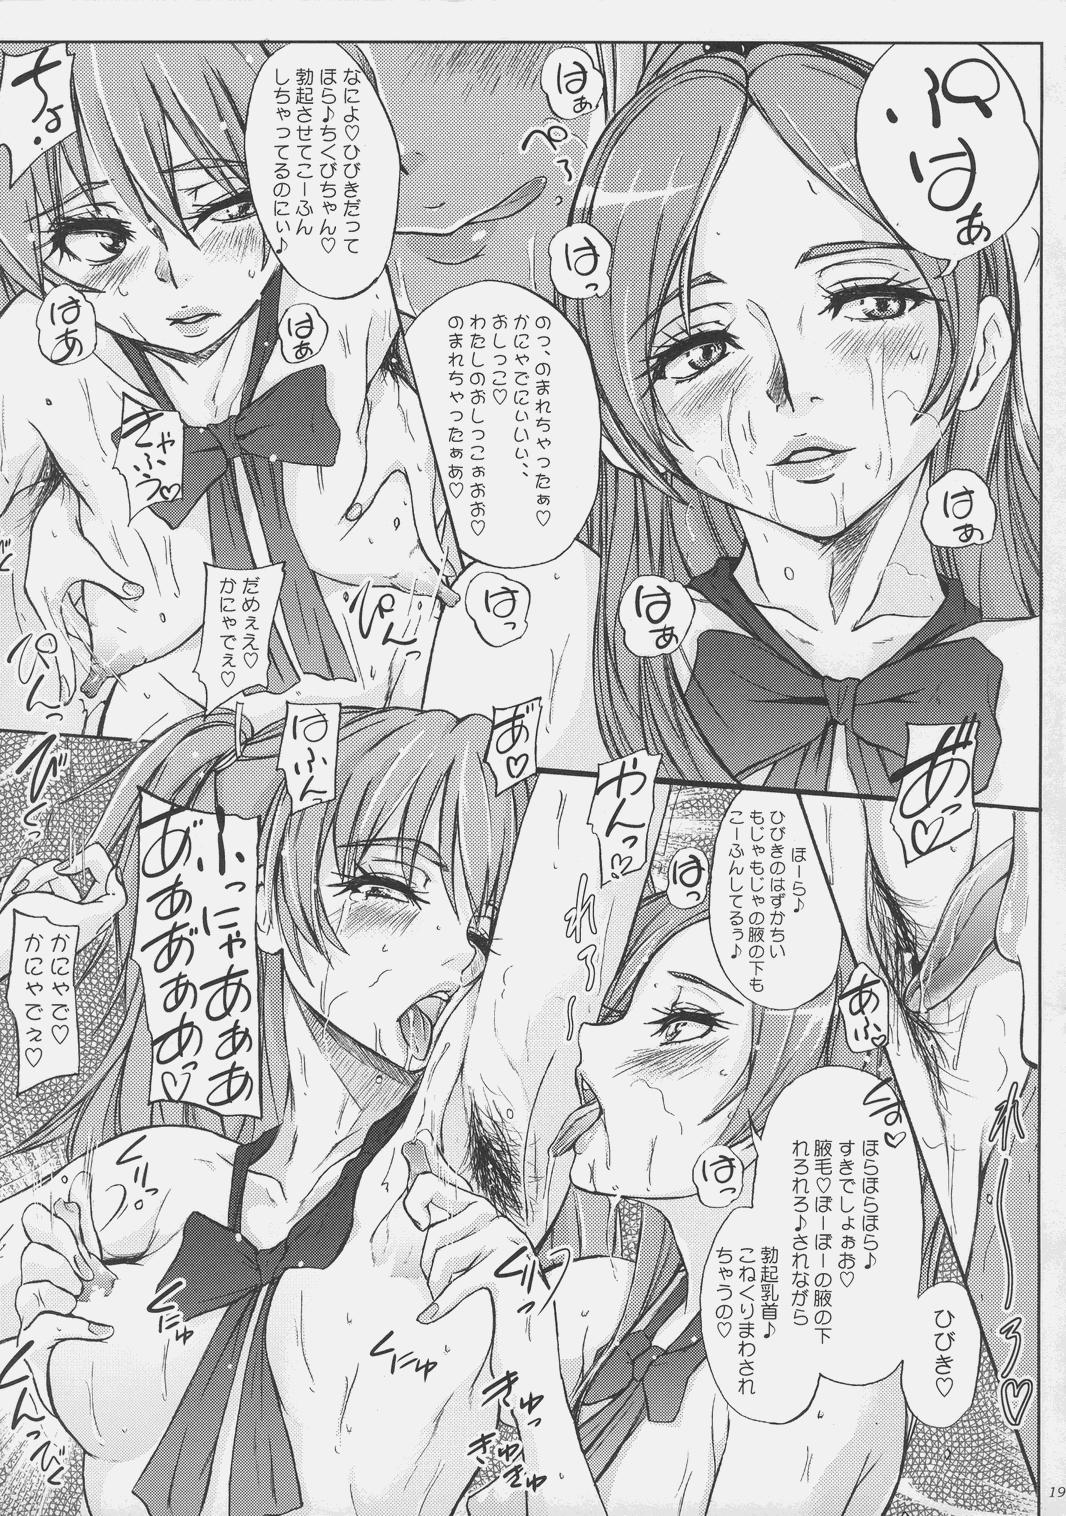 Keiyakusuru nara Anshin to Jisseki no TO-A Mahou Shoujo wo 19